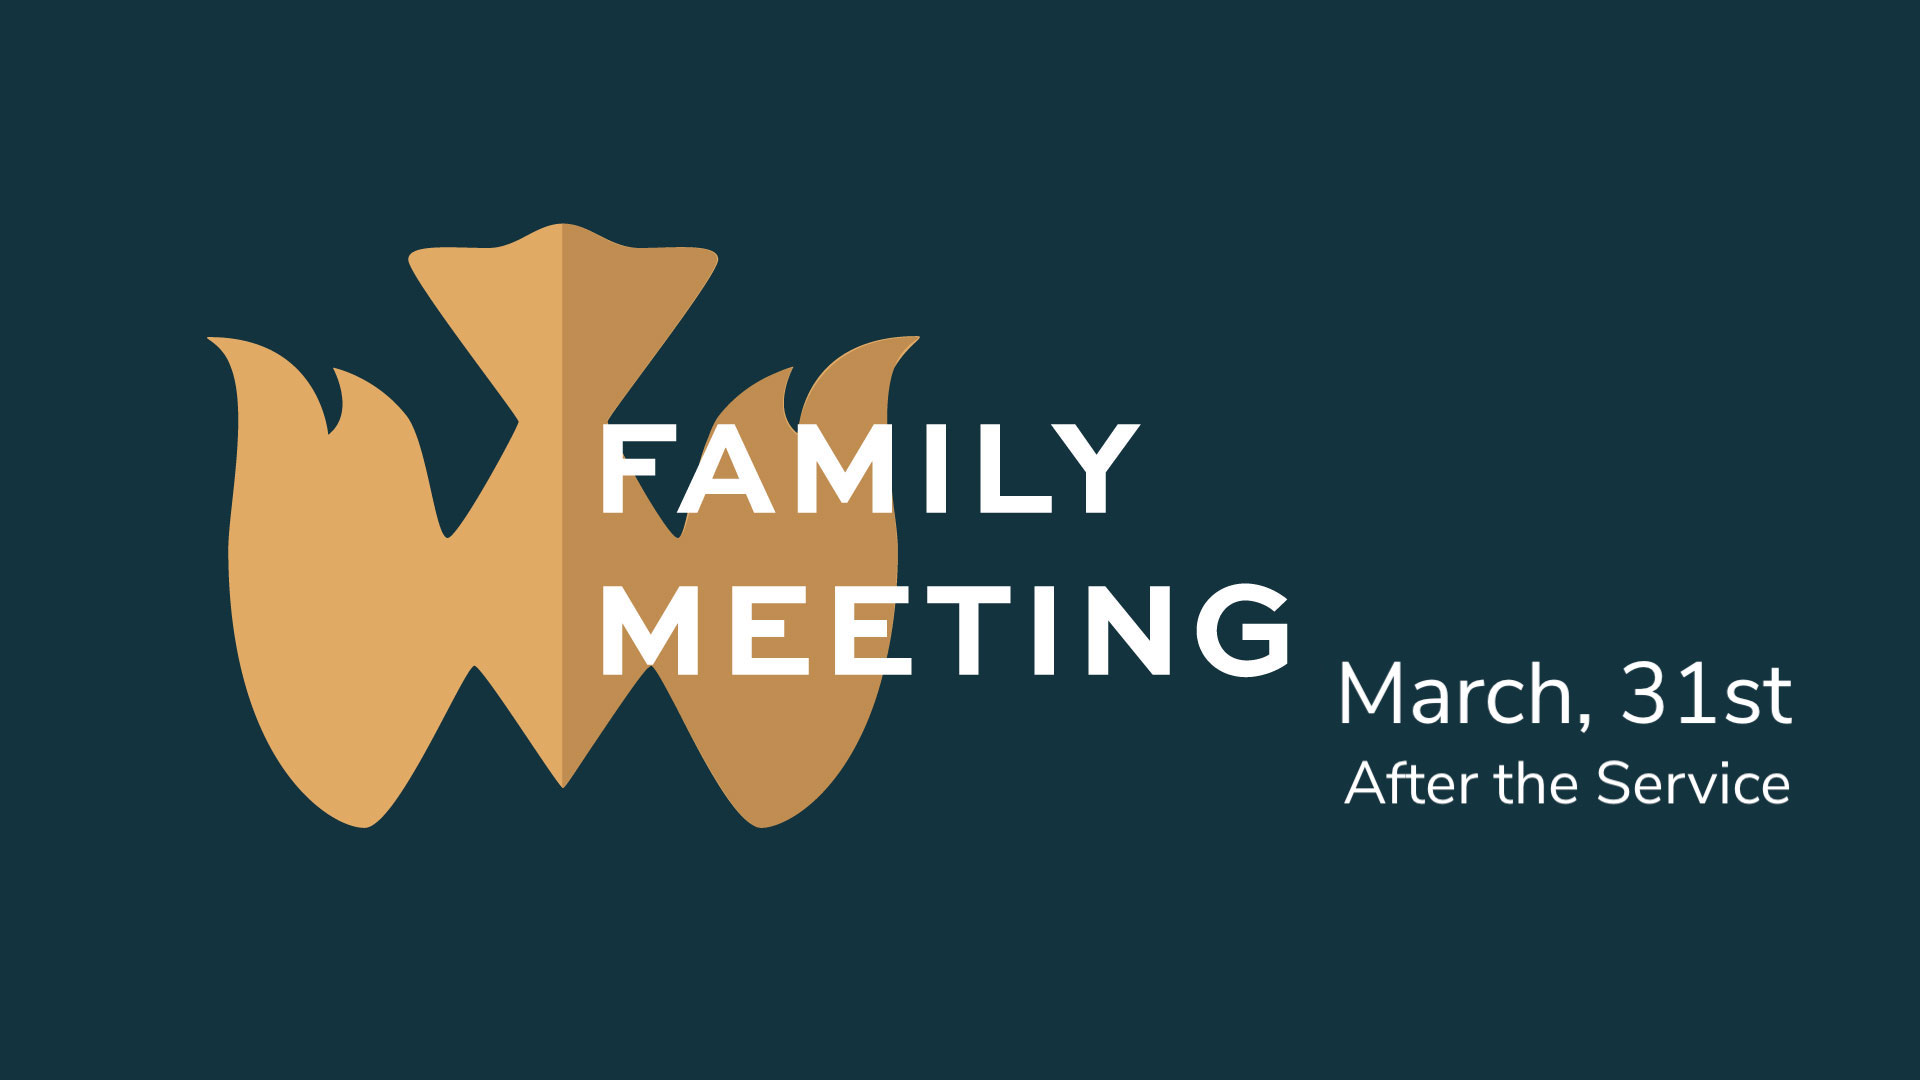 3.31.19 FamilyMeeting.jpg